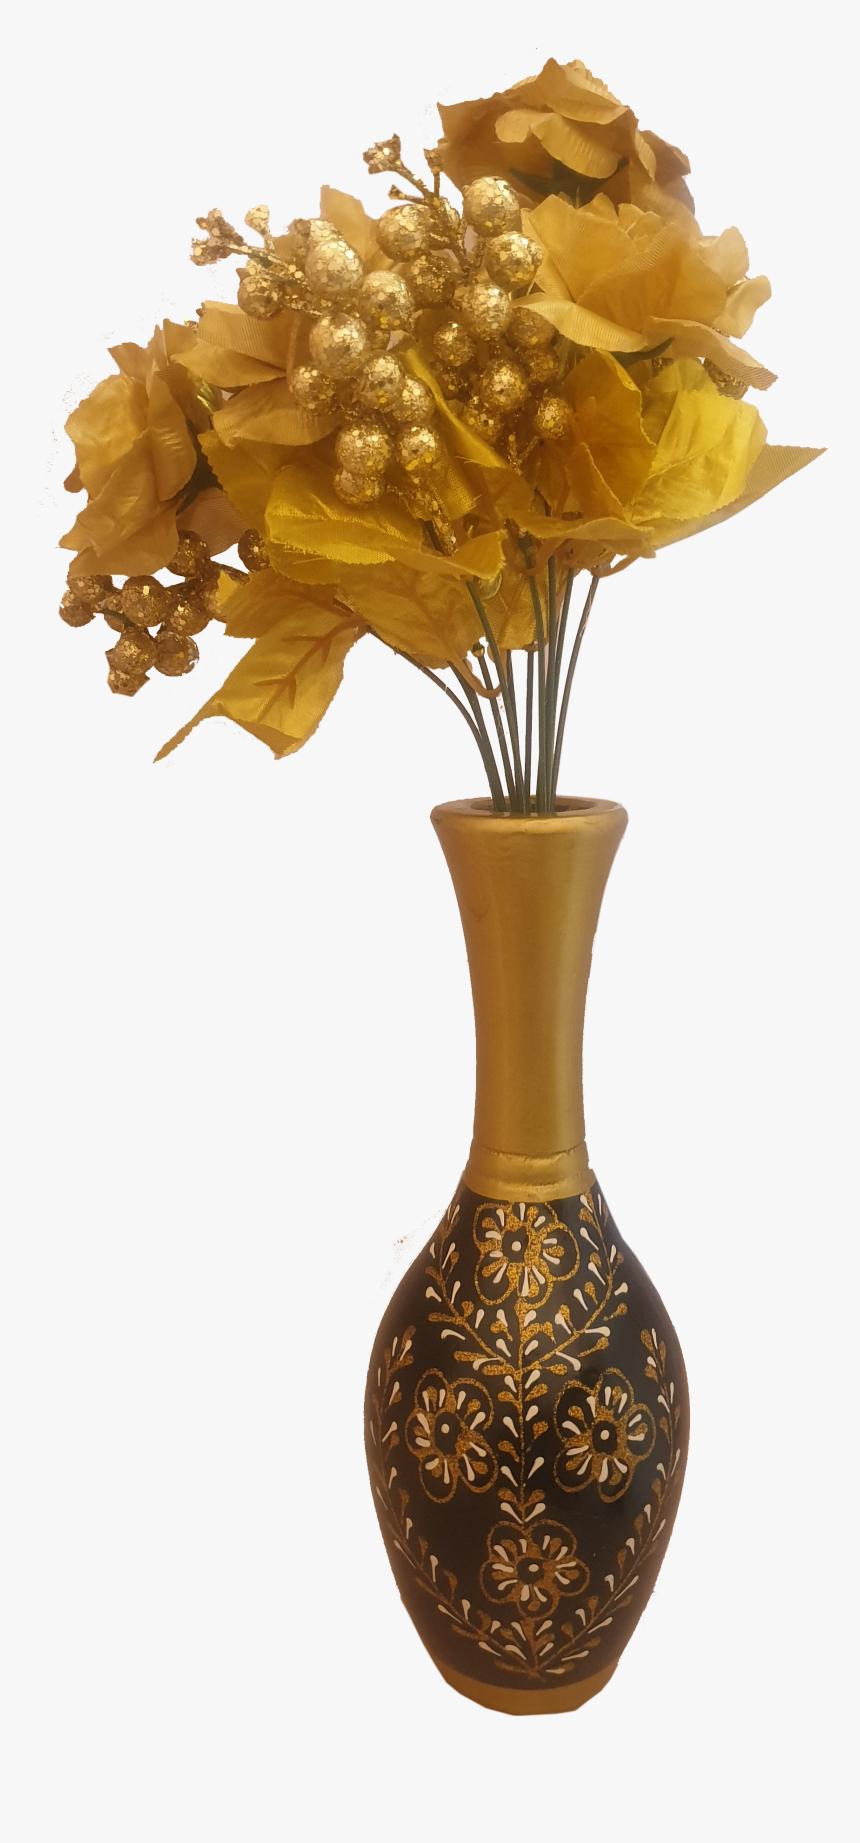 Golden Flower Vase Png Transparent Png Transparent Png Image Pngitem